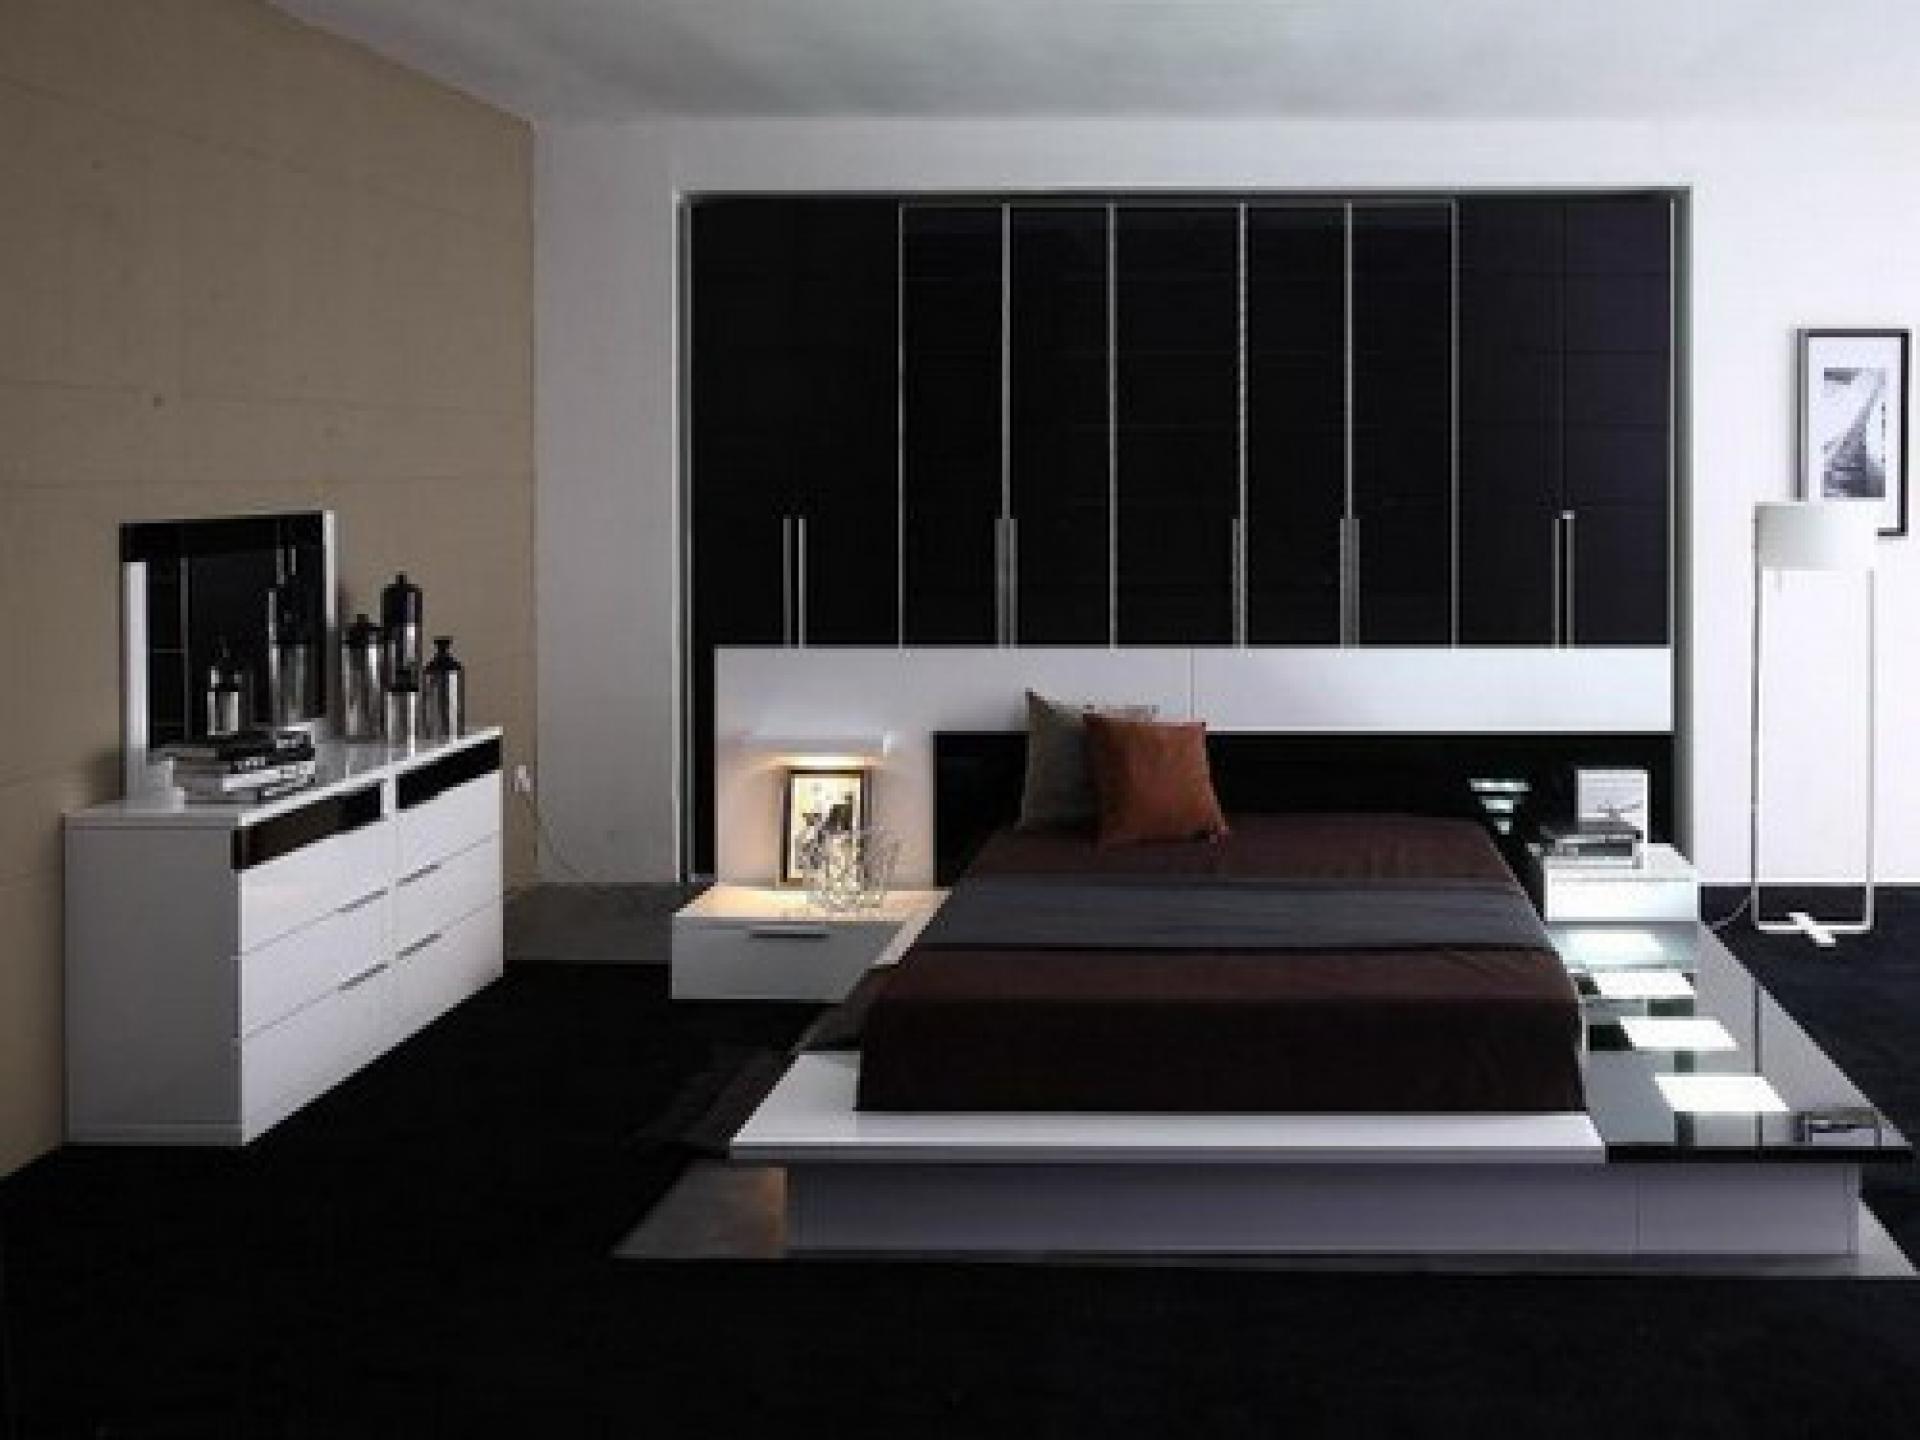 View In Gallery Design Bilik Tidur Konsep Moden Kontemporari Dengan Ed Wardrobe Dan Perabot R Putih